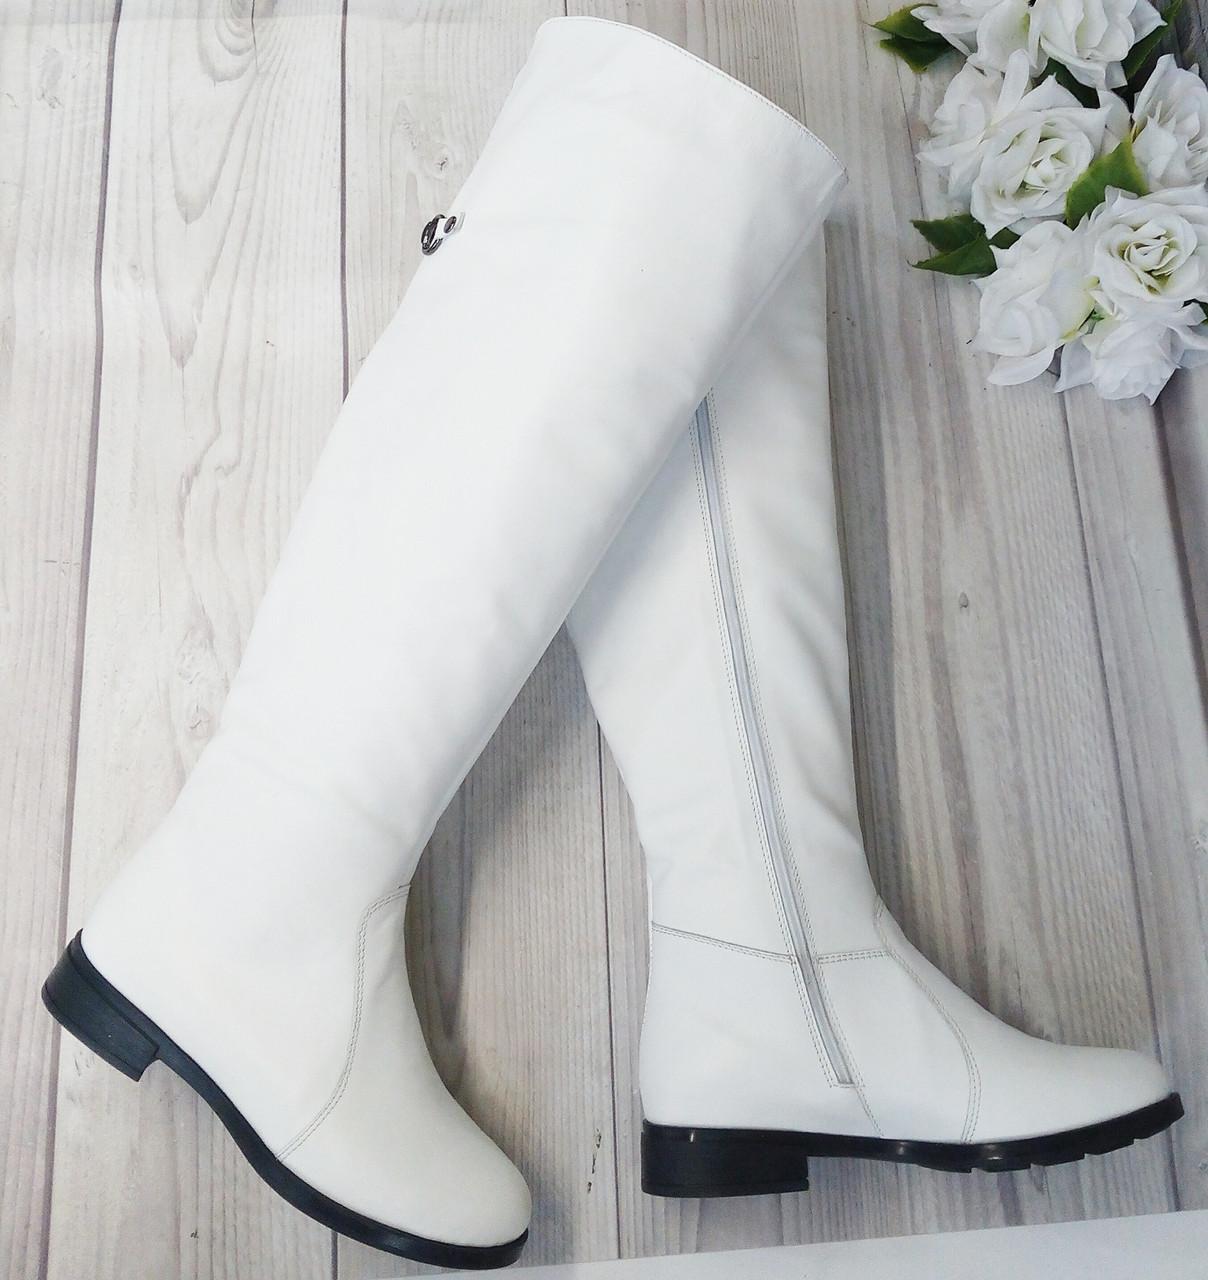 Білі шкіряні женске ботфорти від виробника